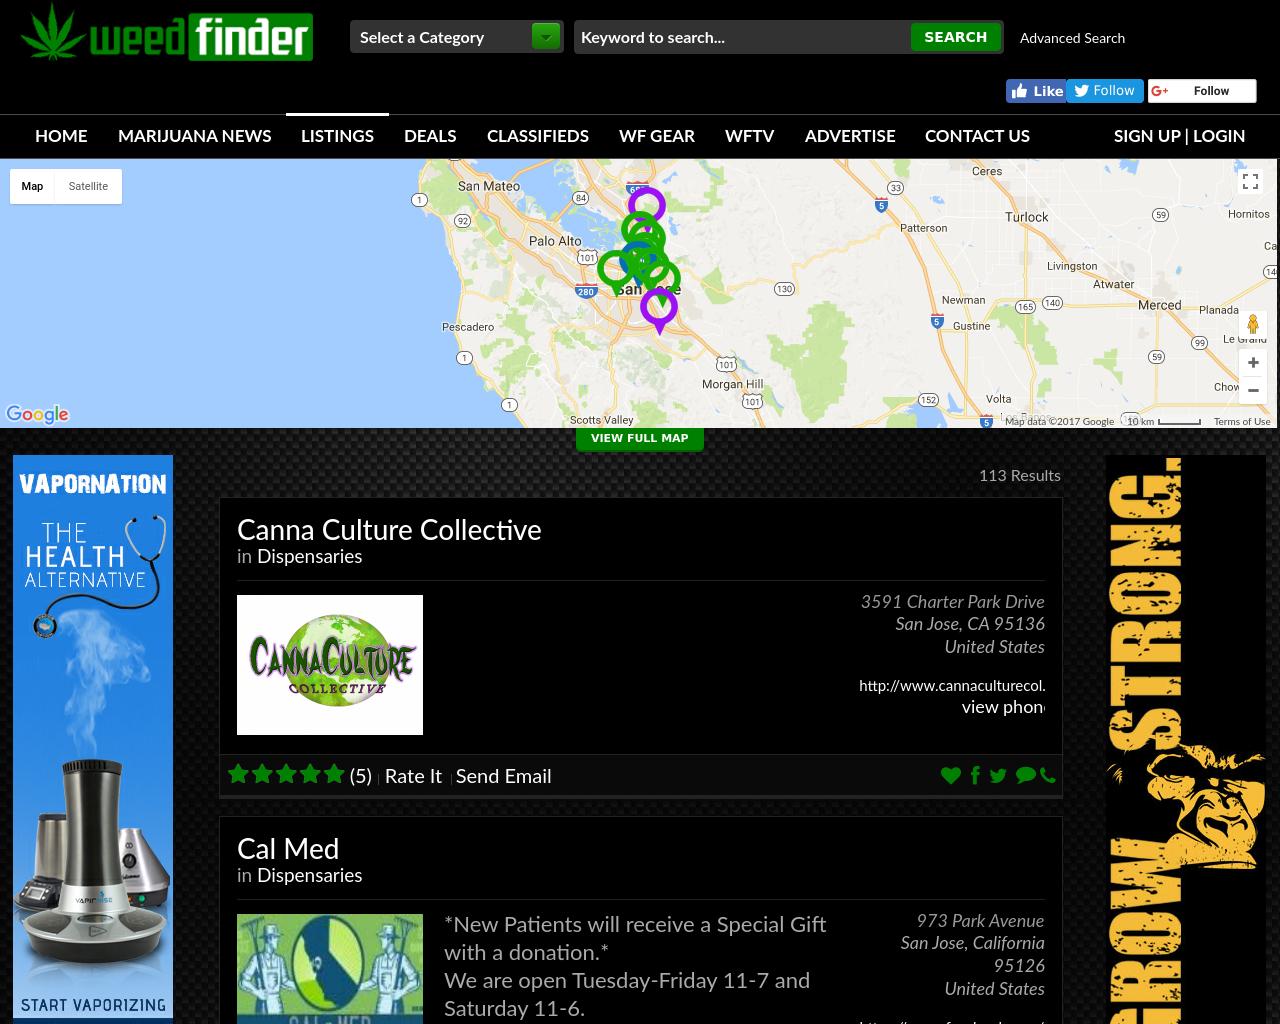 Weed-Finder-Advertising-Reviews-Pricing